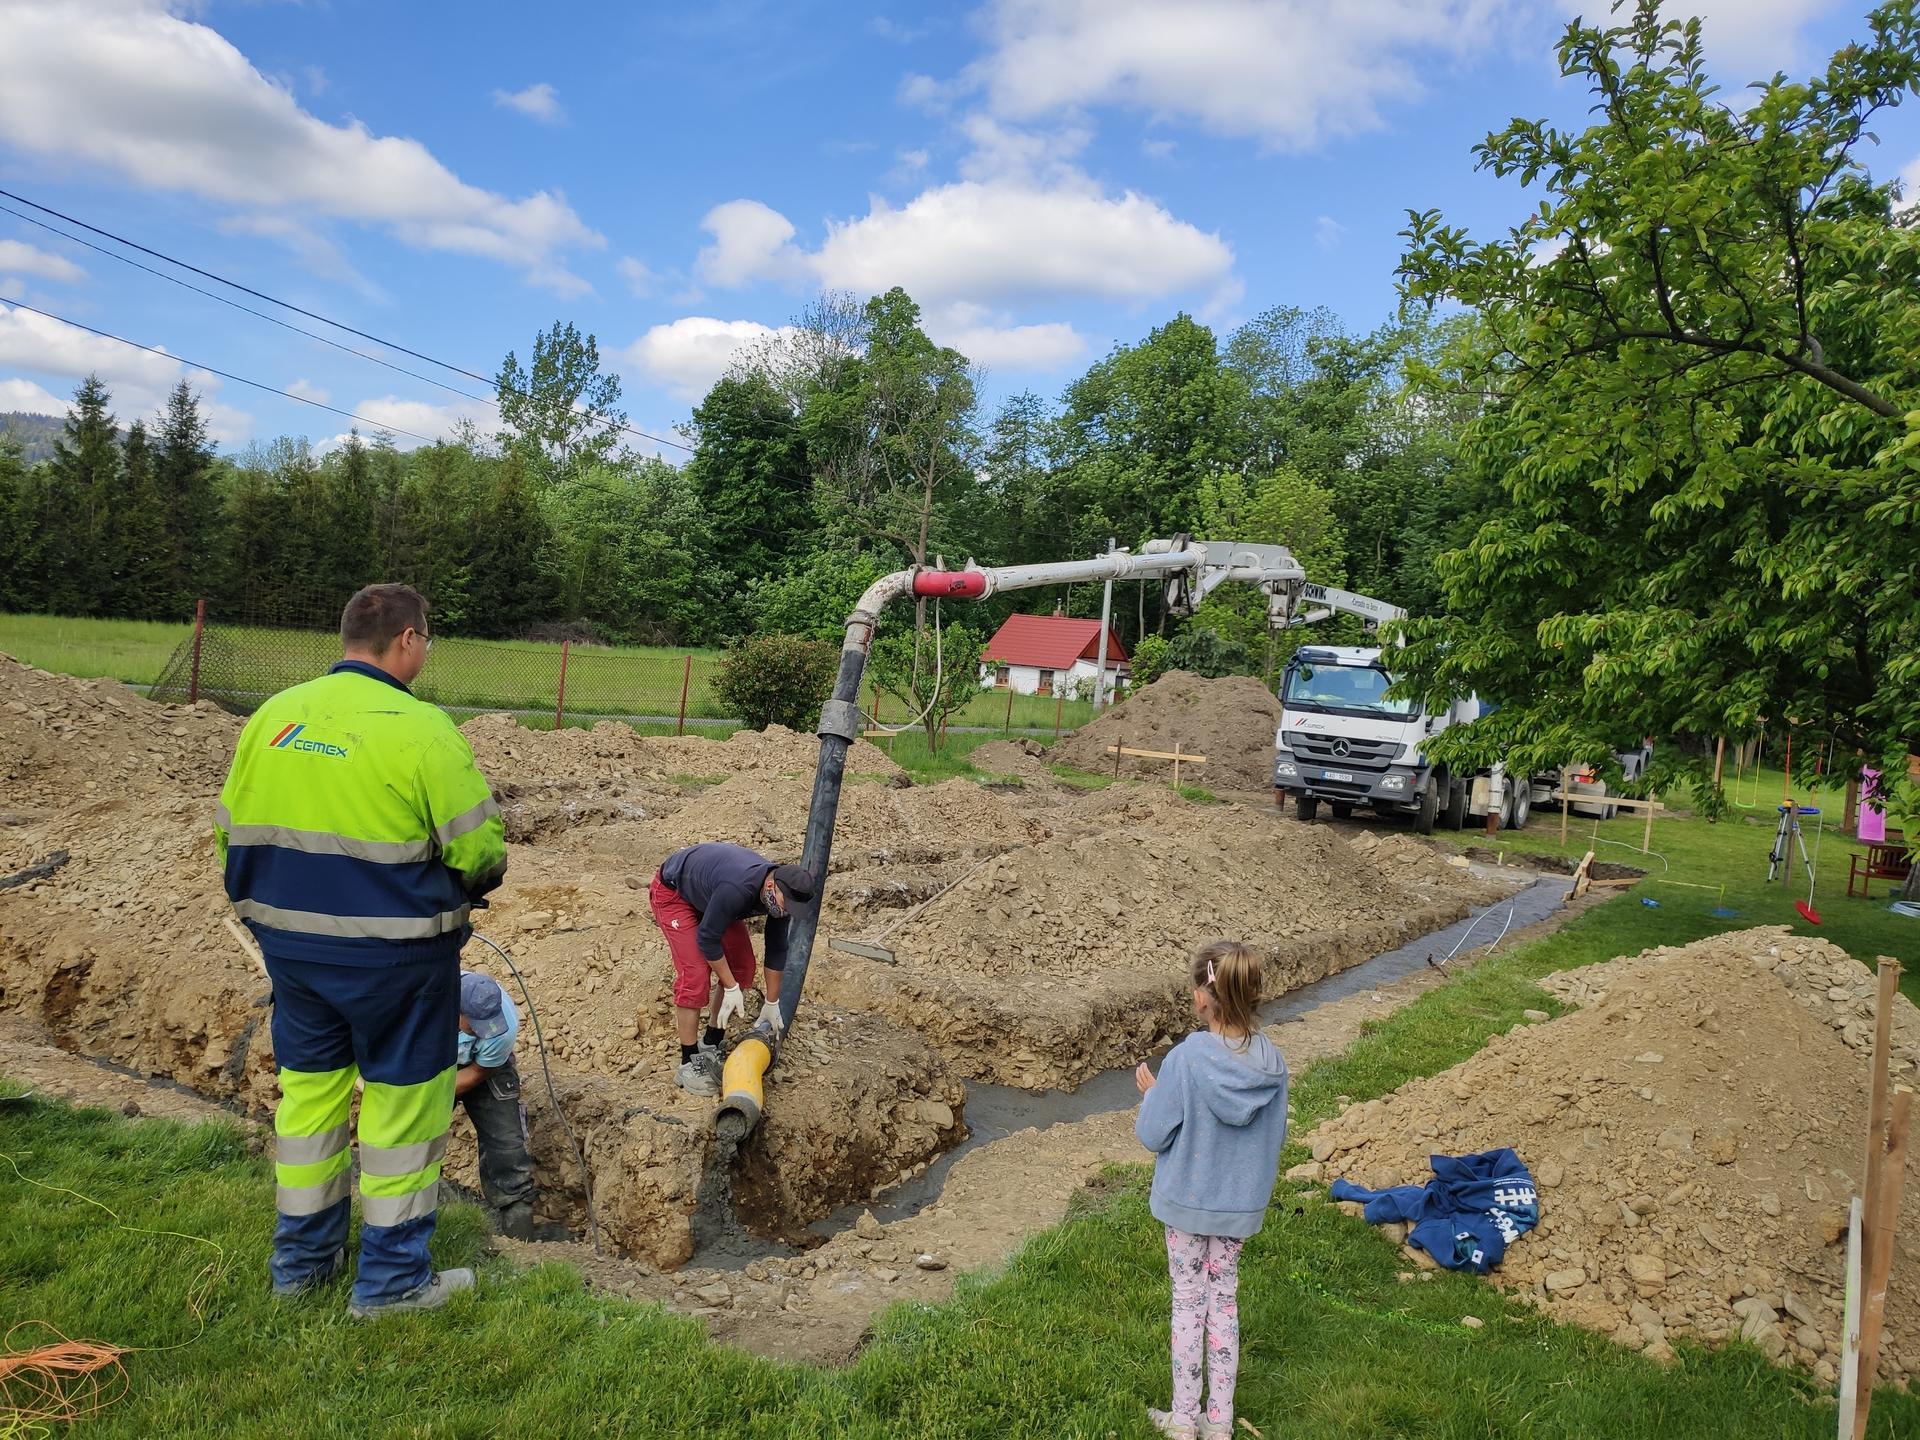 Začínáme si stavět náš dům 2020 - Obrázek č. 22